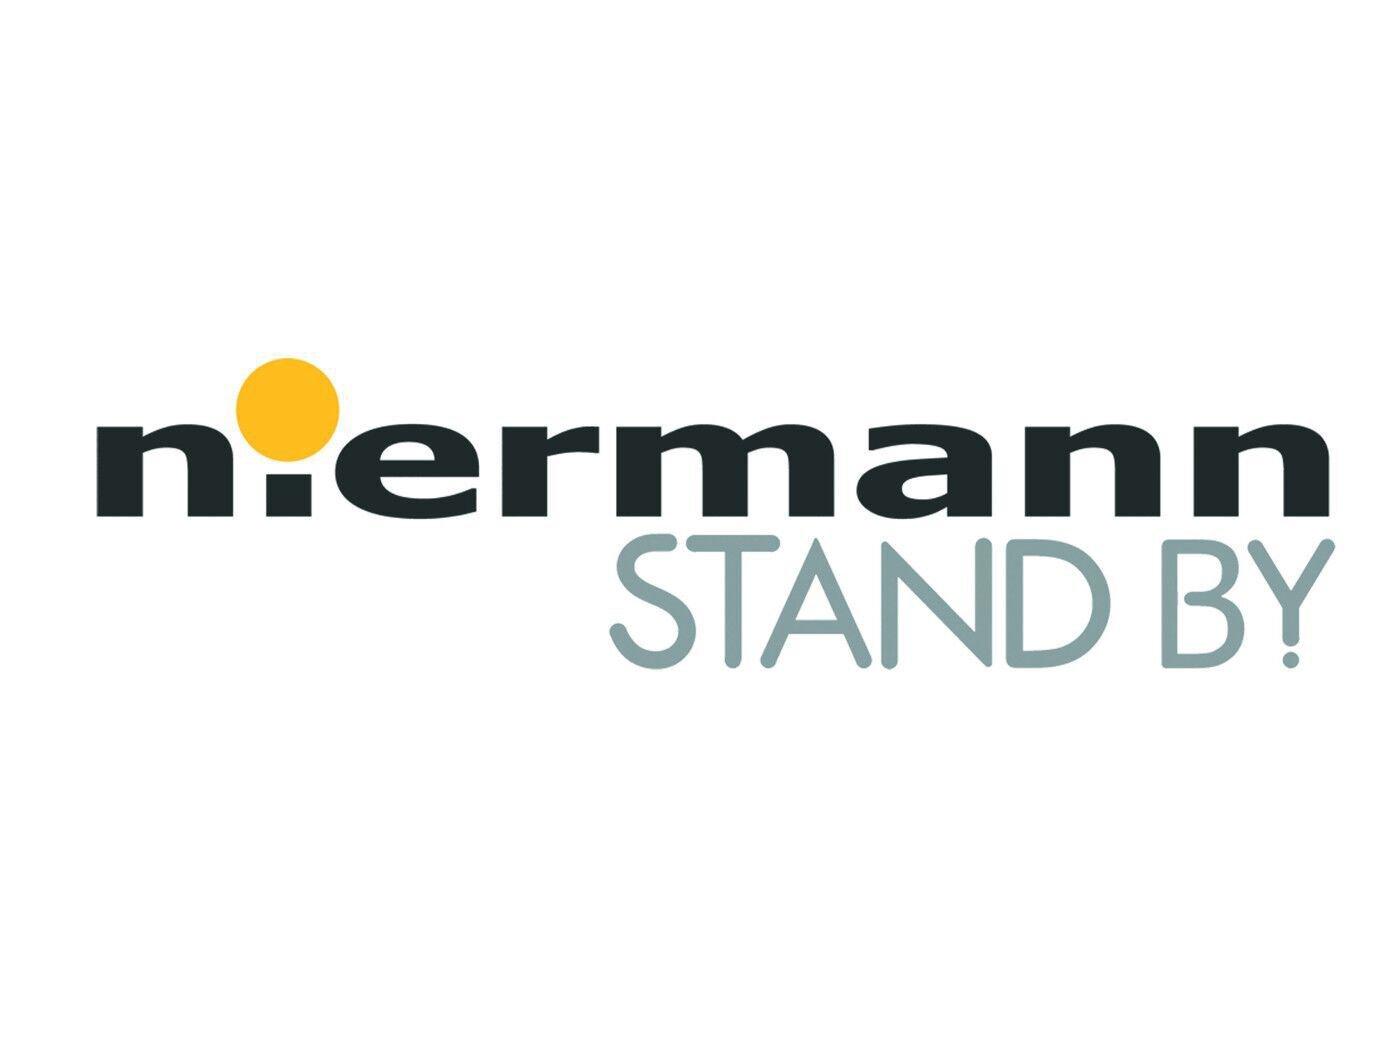 Niermann Standby Deckenleuchte Wolke 658 XXL, Wilde Tiere 658 Wolke 581ce5